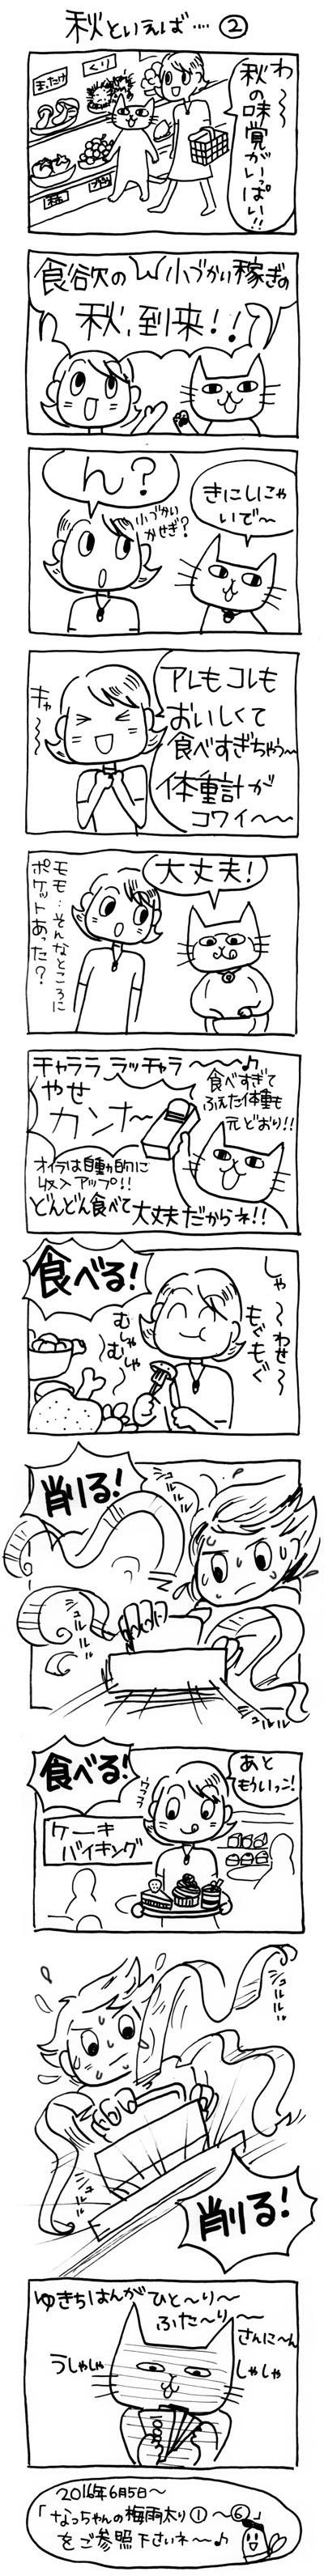 木工漫画 秋といえば② かんながけ 0921